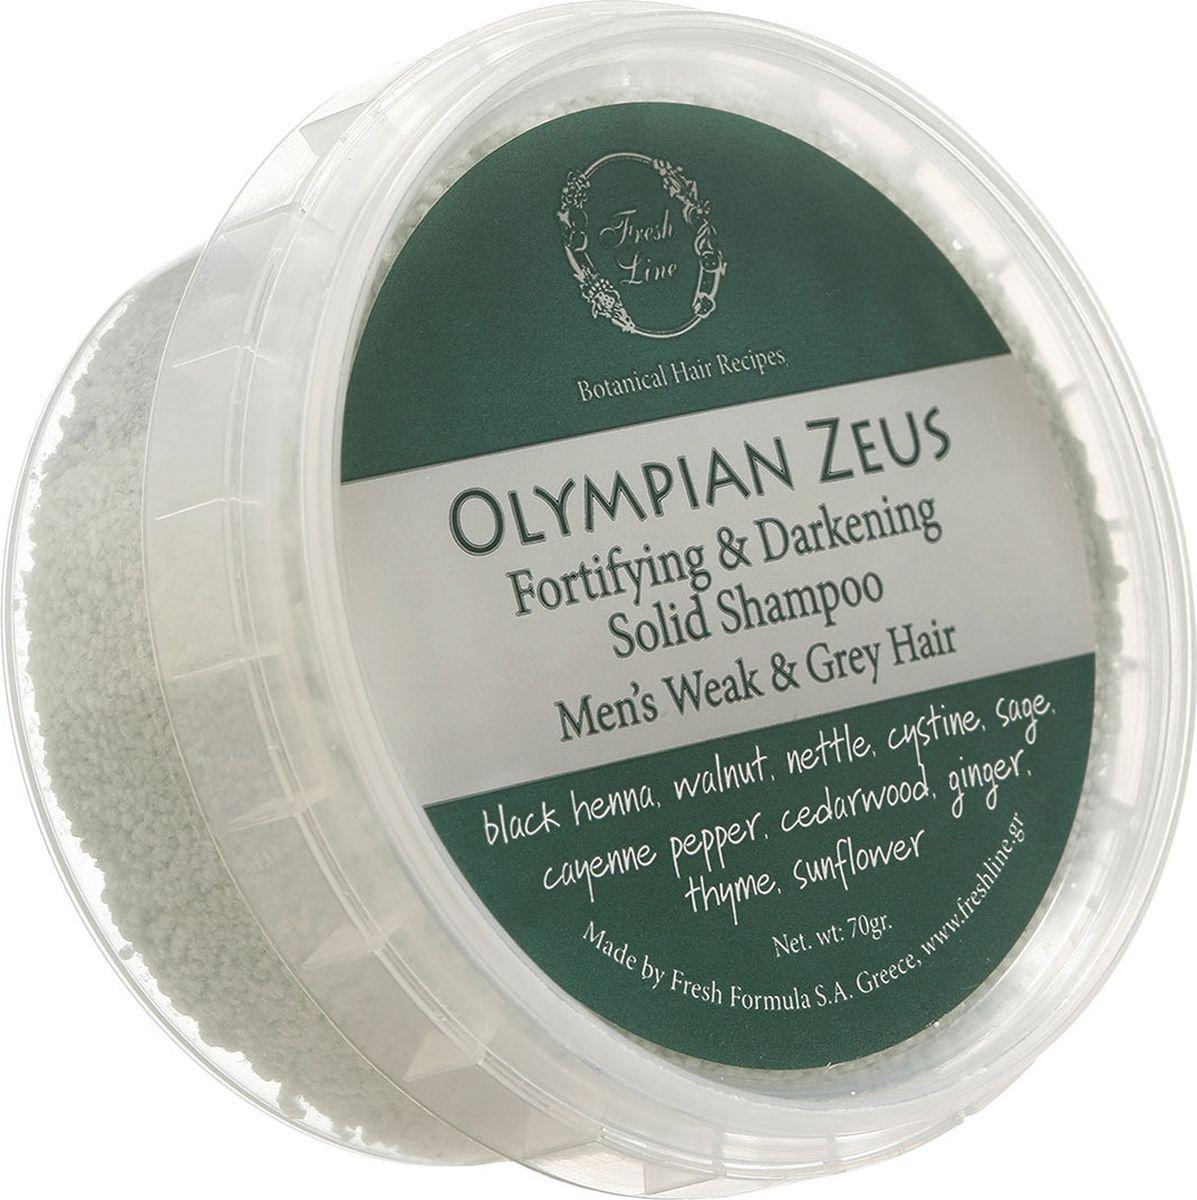 Fresh Line Шампунь твердый для волос укрепляющий для мужчин Олимпийский Зевс, 70 г901090Твердый укрепляющий шампунь с тонирующим эффектом. Идеально подходит для седых волос, так как содержит черную хну и масло грецкого ореха. Сочетание эфирных масел и растительных экстрактов предотвращает выпадение волос и укрепляет. Не содержат SLS и SLES. В составе натуральный пенящийся компонент из кокоса. Формула обогащена сочетанием многих терапевтических эфирных масел, растительными экстрактами и Д-пантенолом. Основные ингредиенты: Хна, крапива, грецкий орех, кедр, шалфей, тимьян, имбирь, кайенский перец.